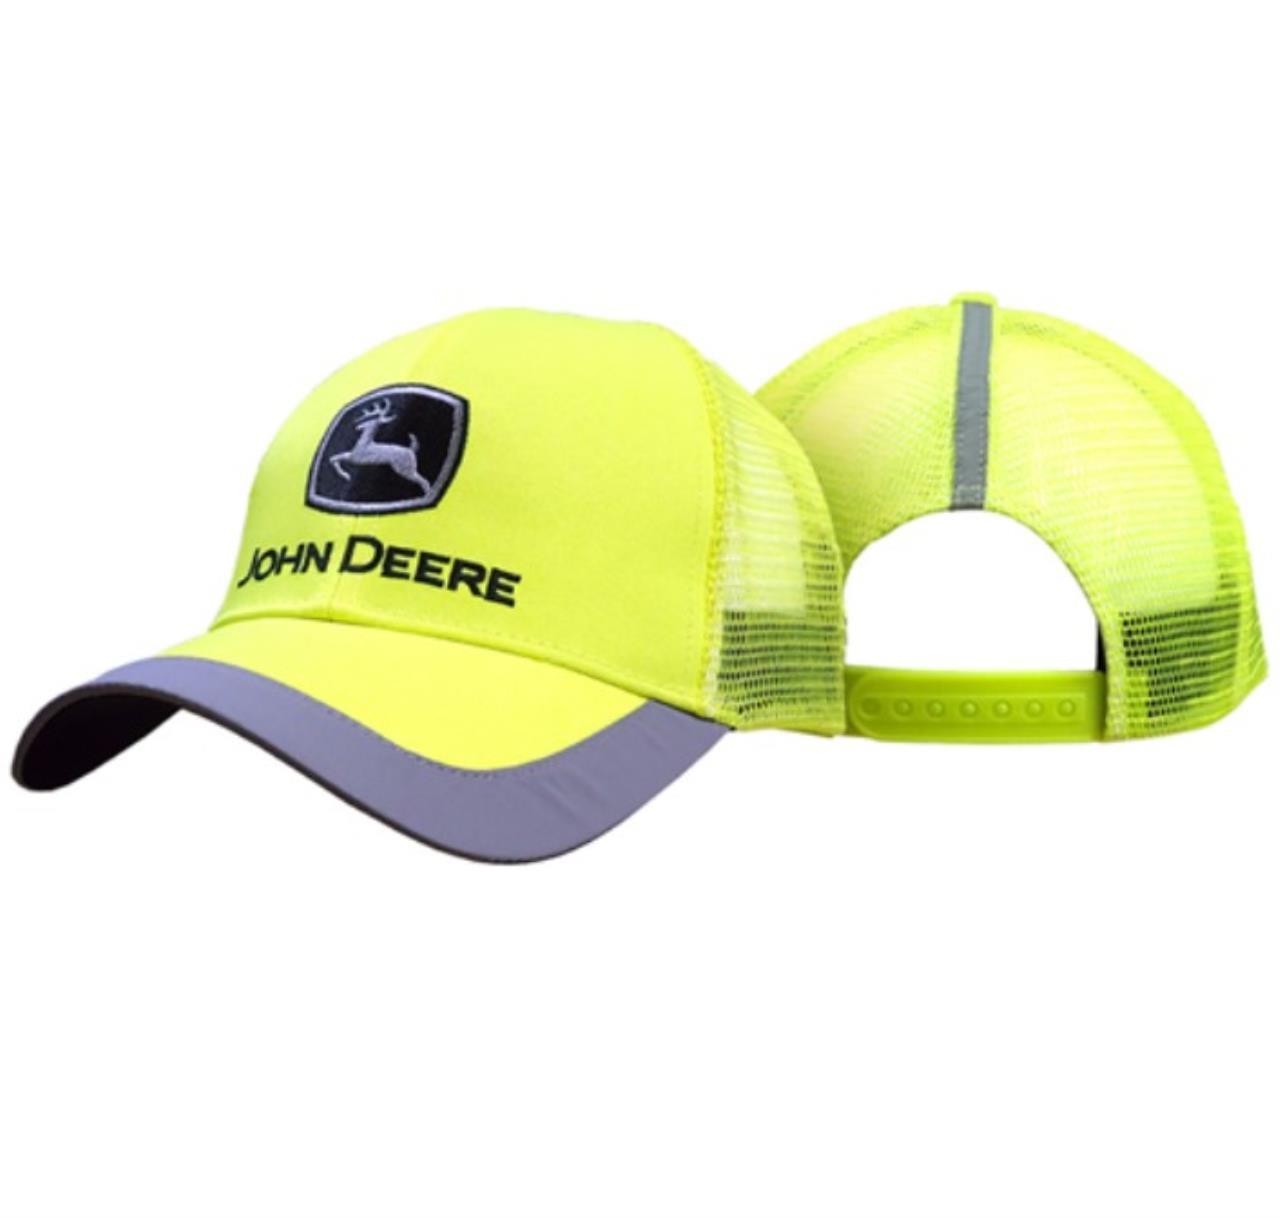 John Deere Kasket neon Gul m/refleks